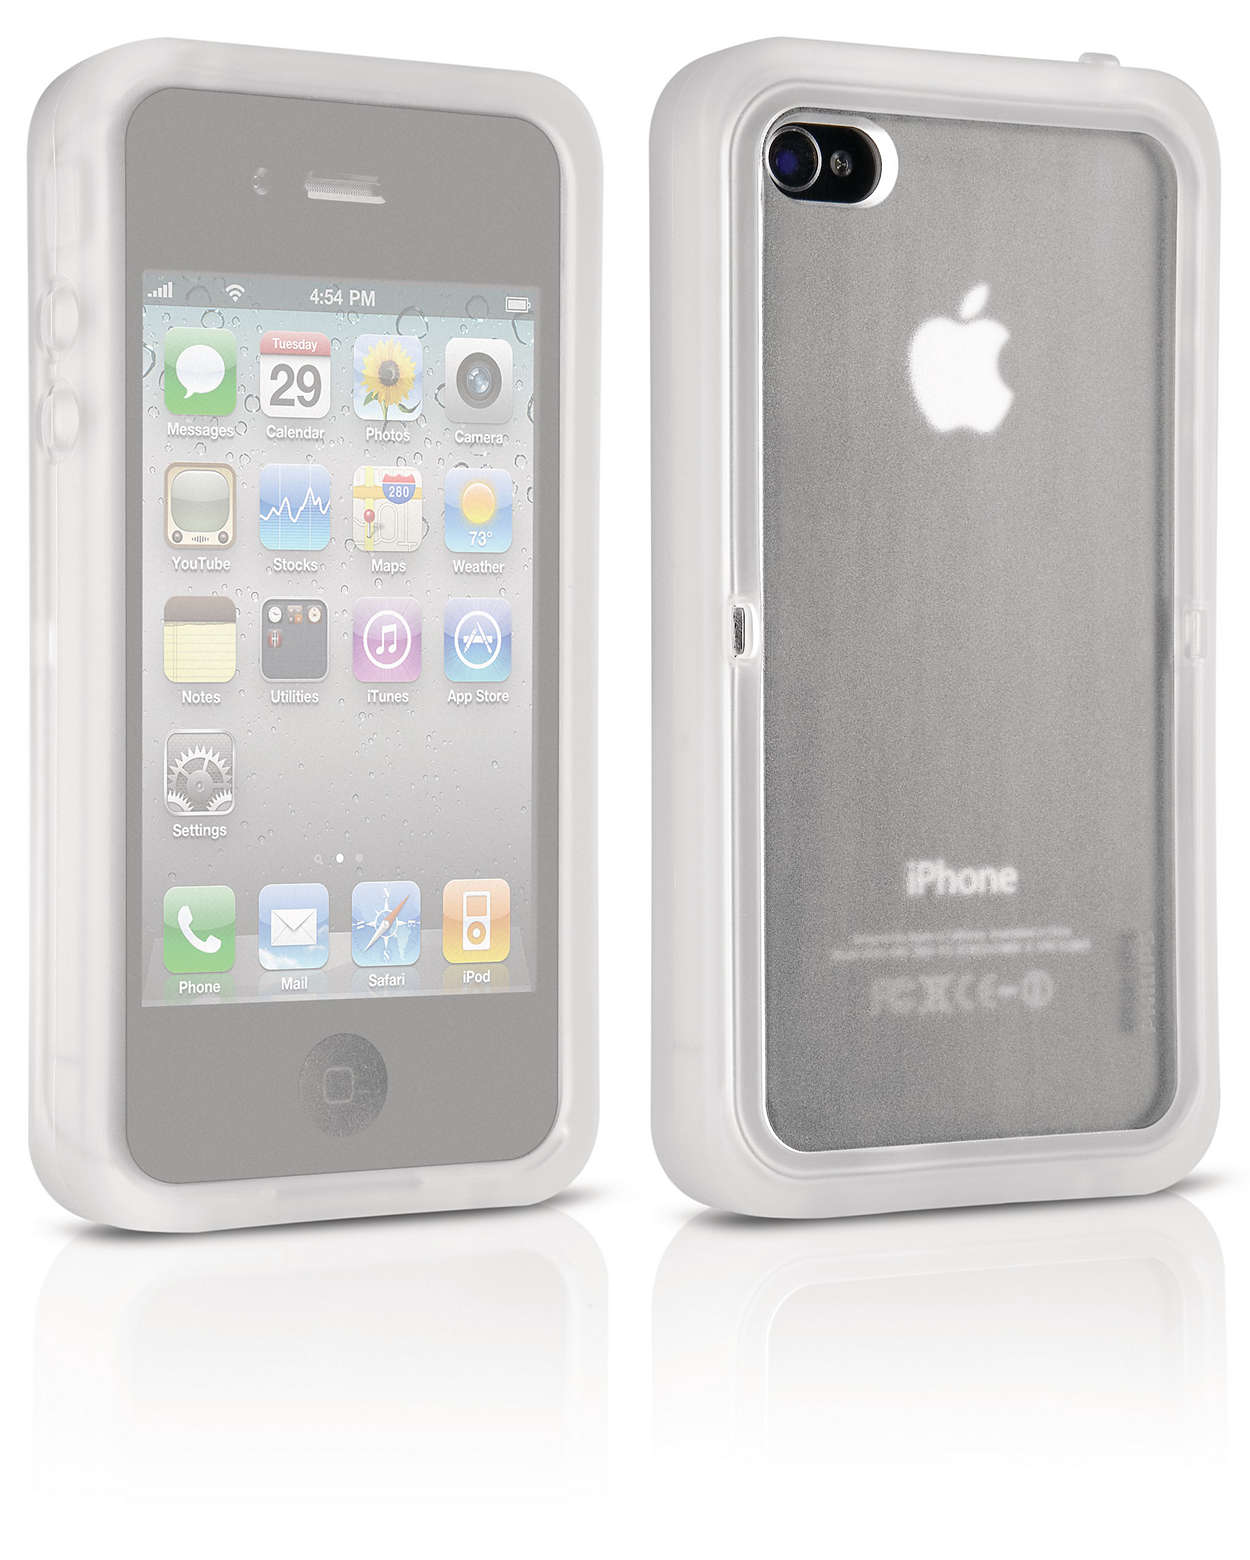 Protégez votre iPhone des éléments